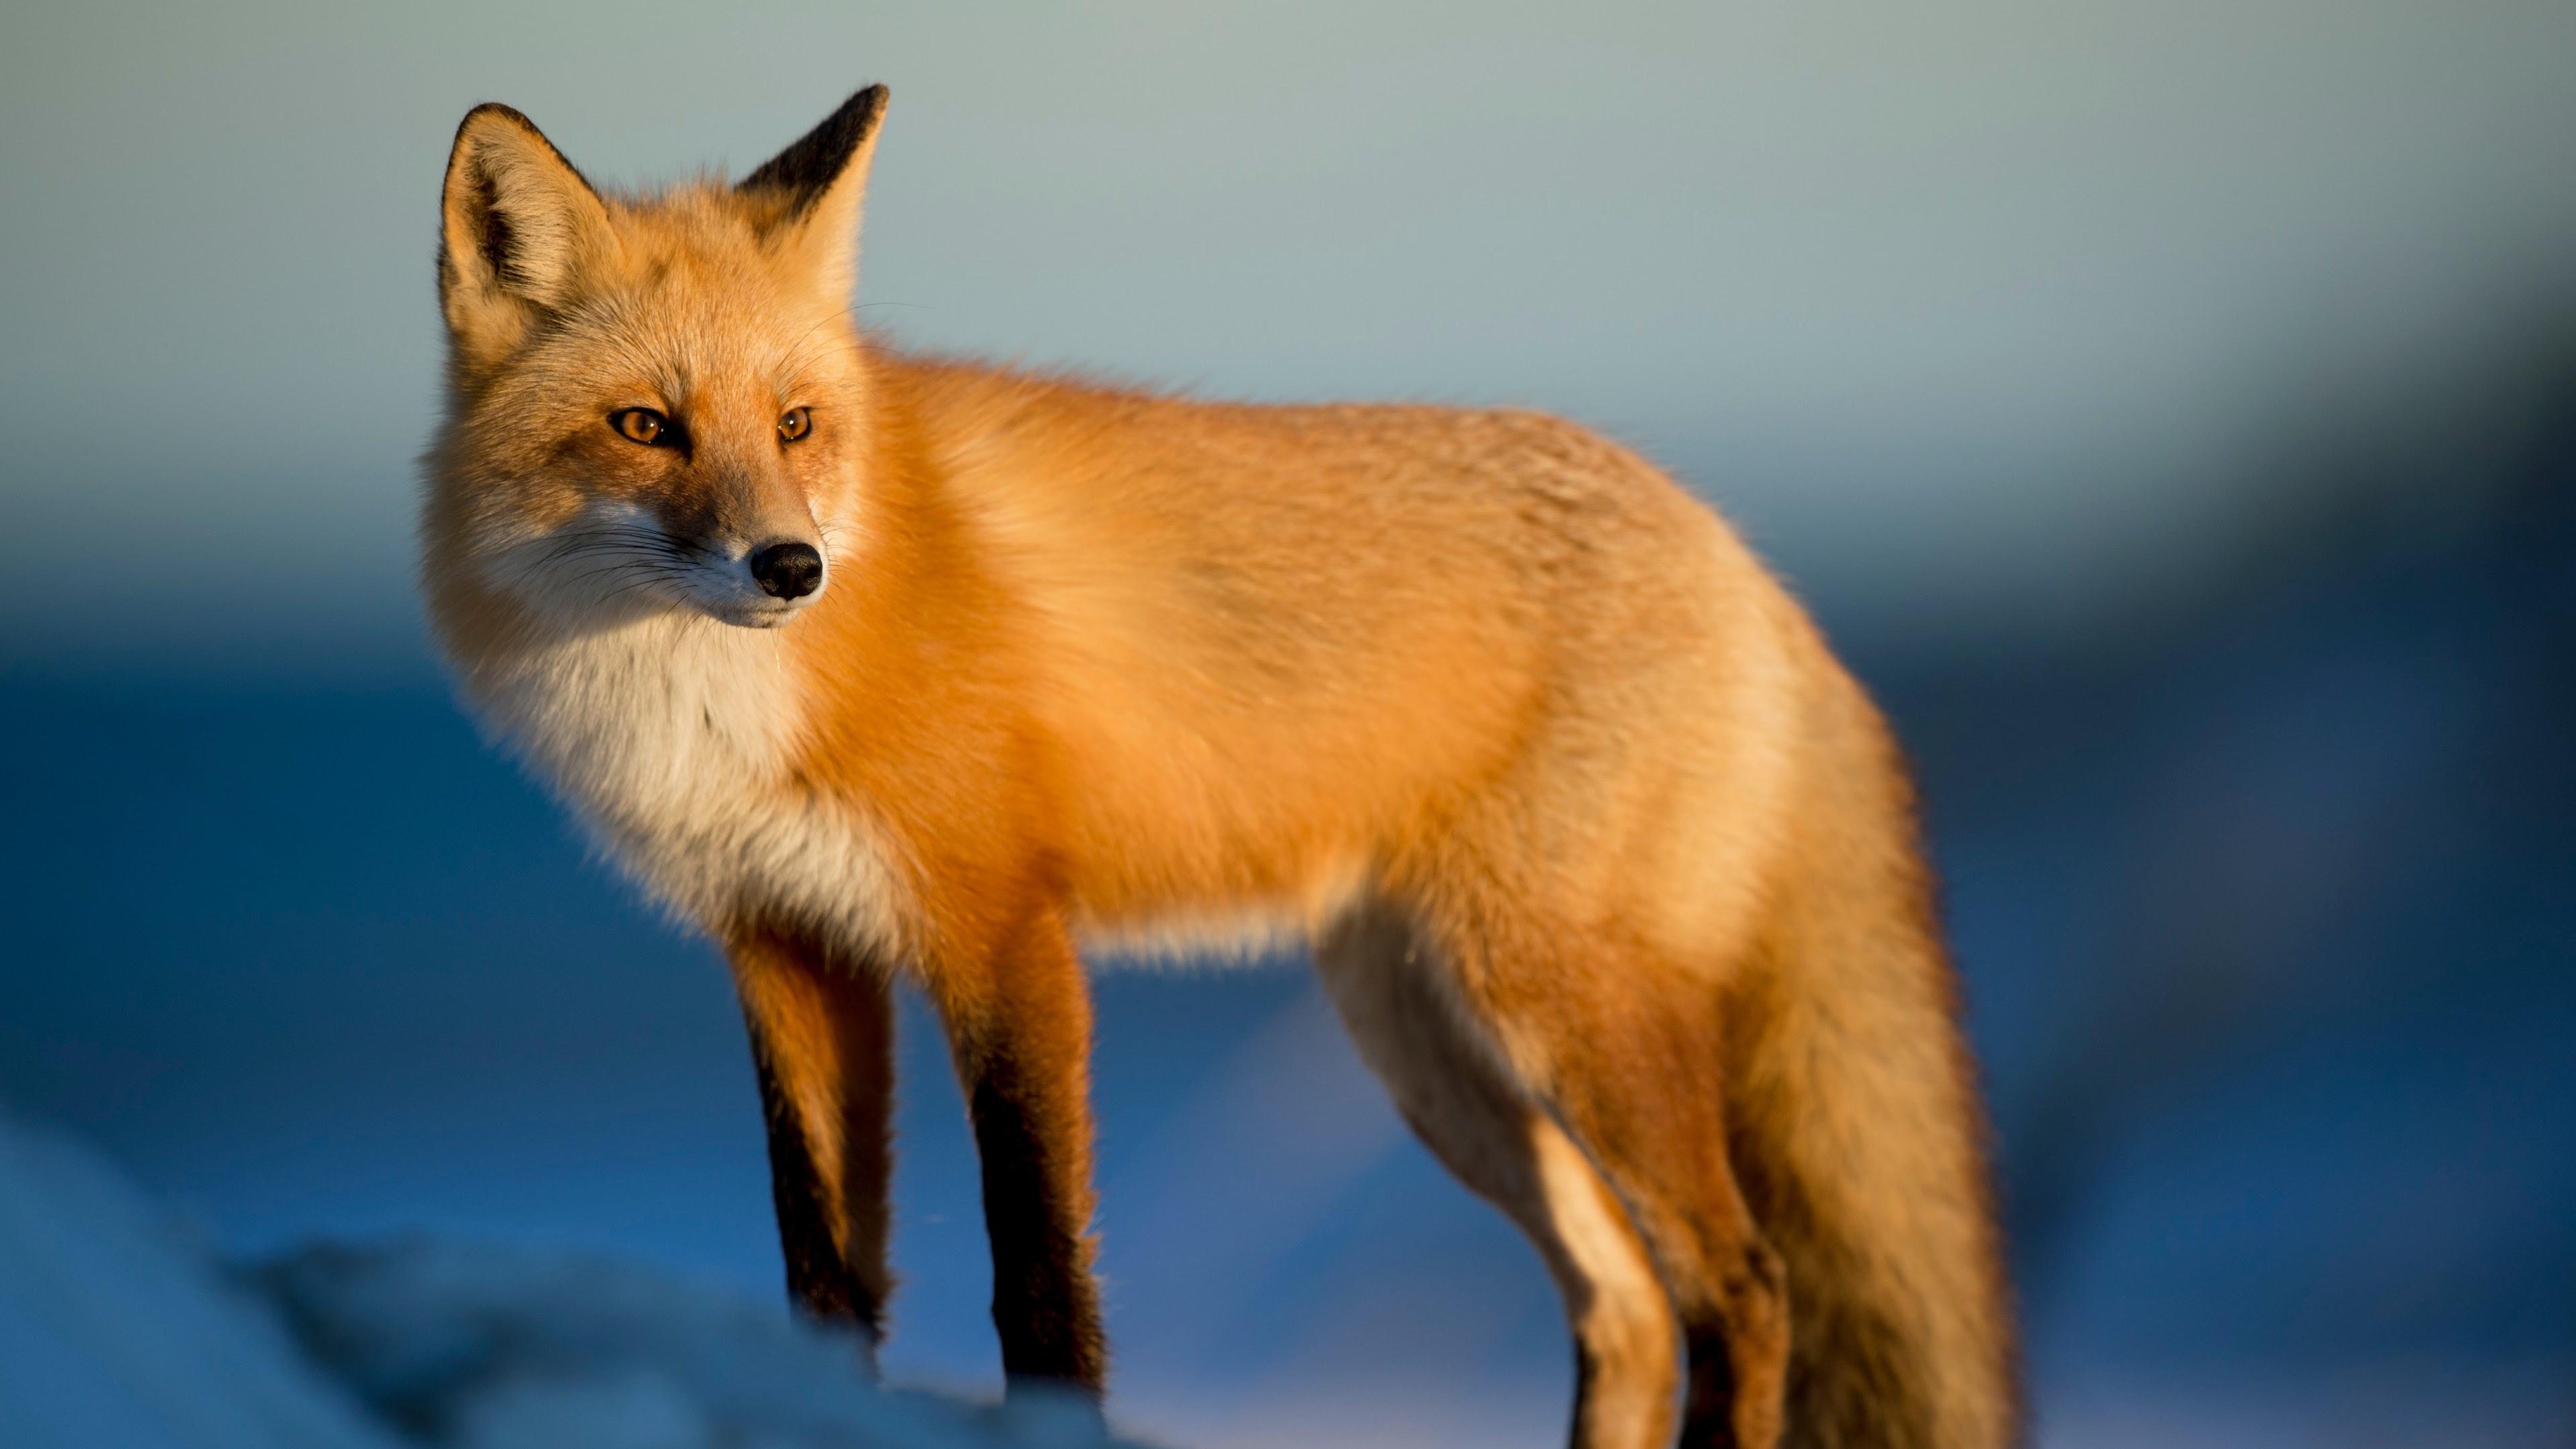 Fox in the snow, fox, golden, fox, animal